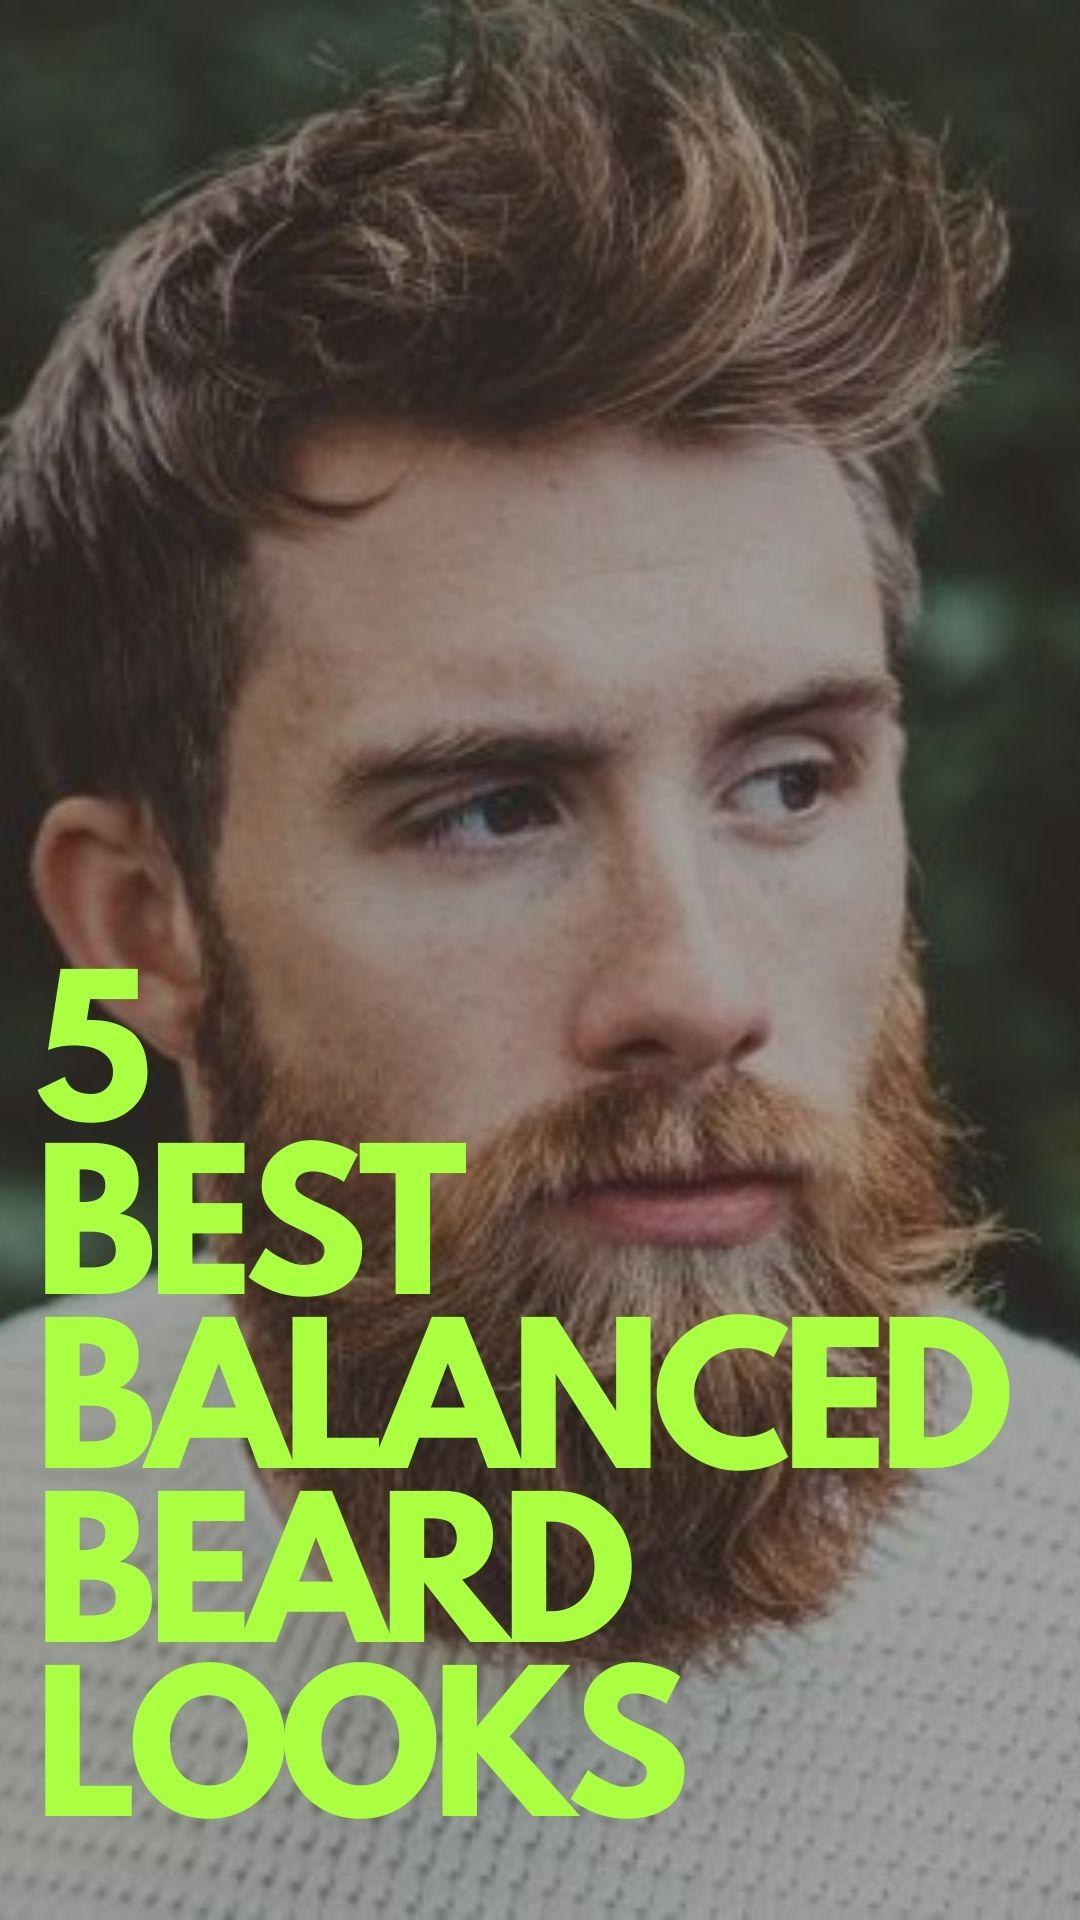 5 Best Balanced Beard Looks for Men